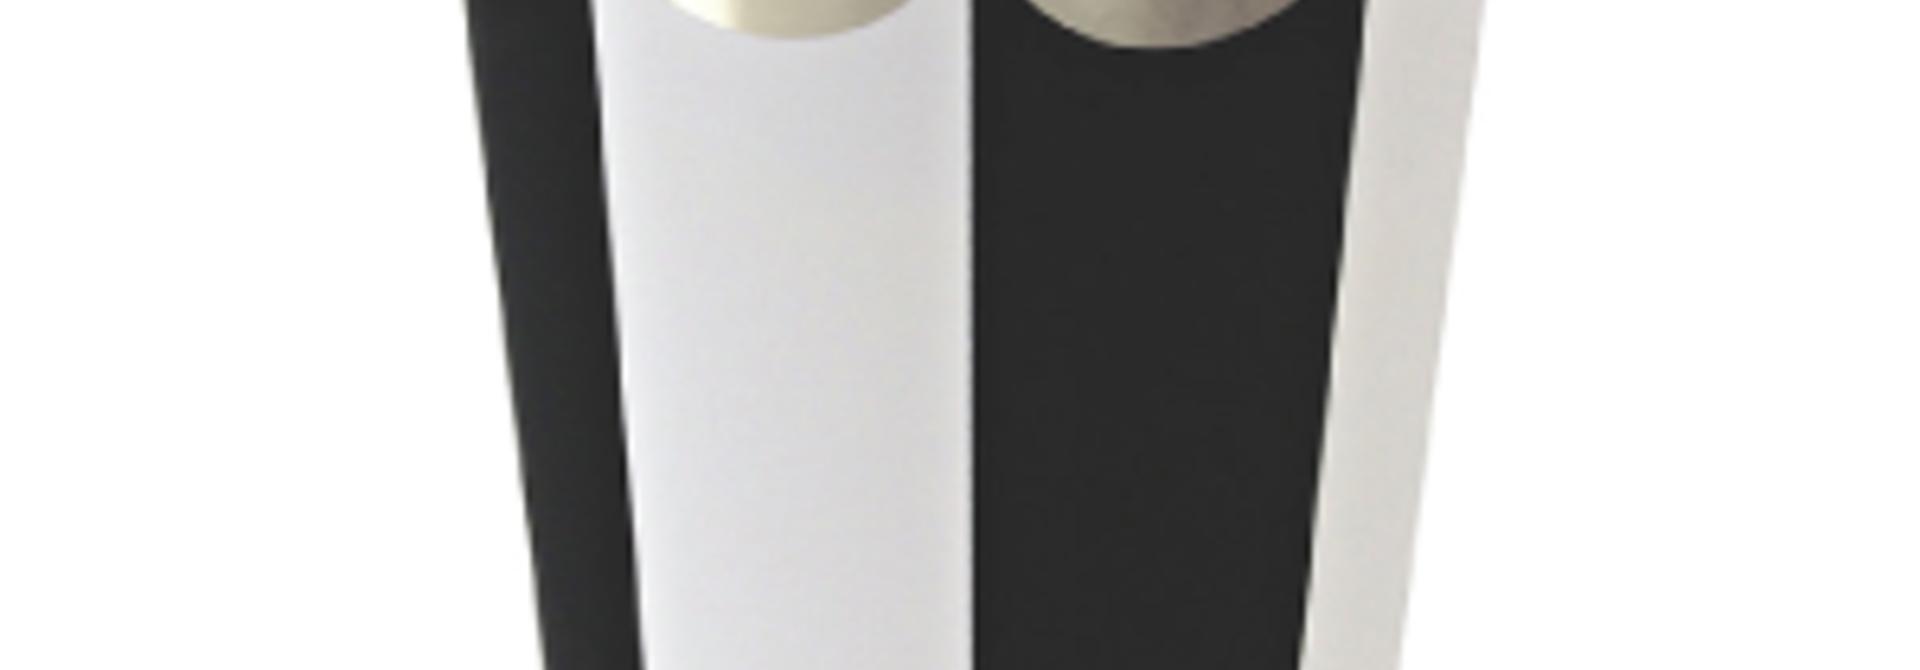 Meri Meri bekers zwart wit gestreept